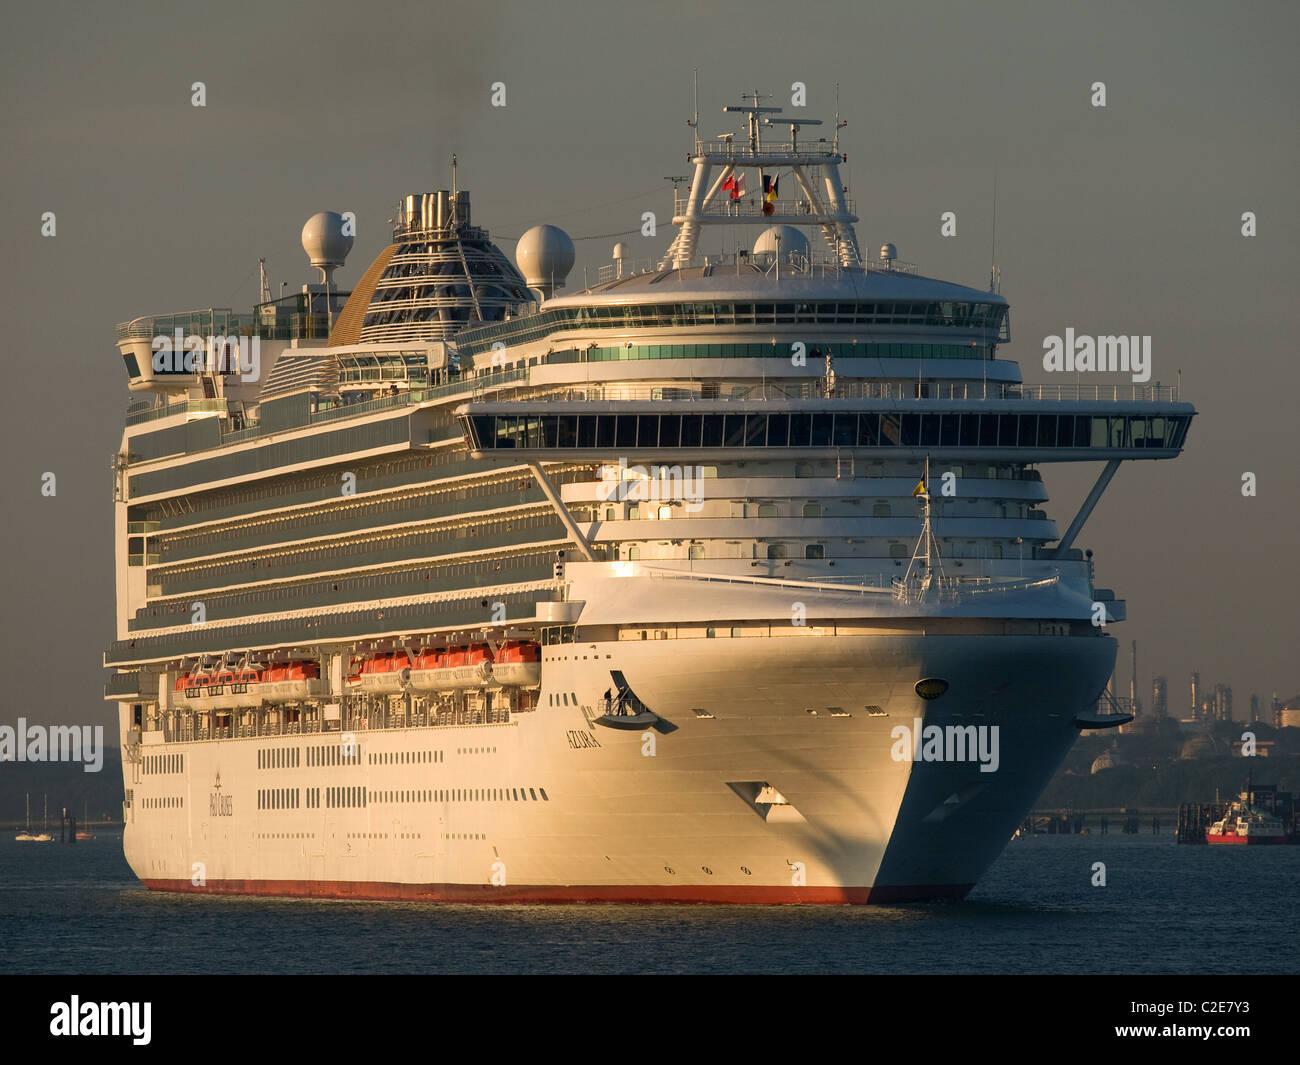 P&O cruise ship Azura arriving early morning at Southampton Hampshire England UK - Stock Image